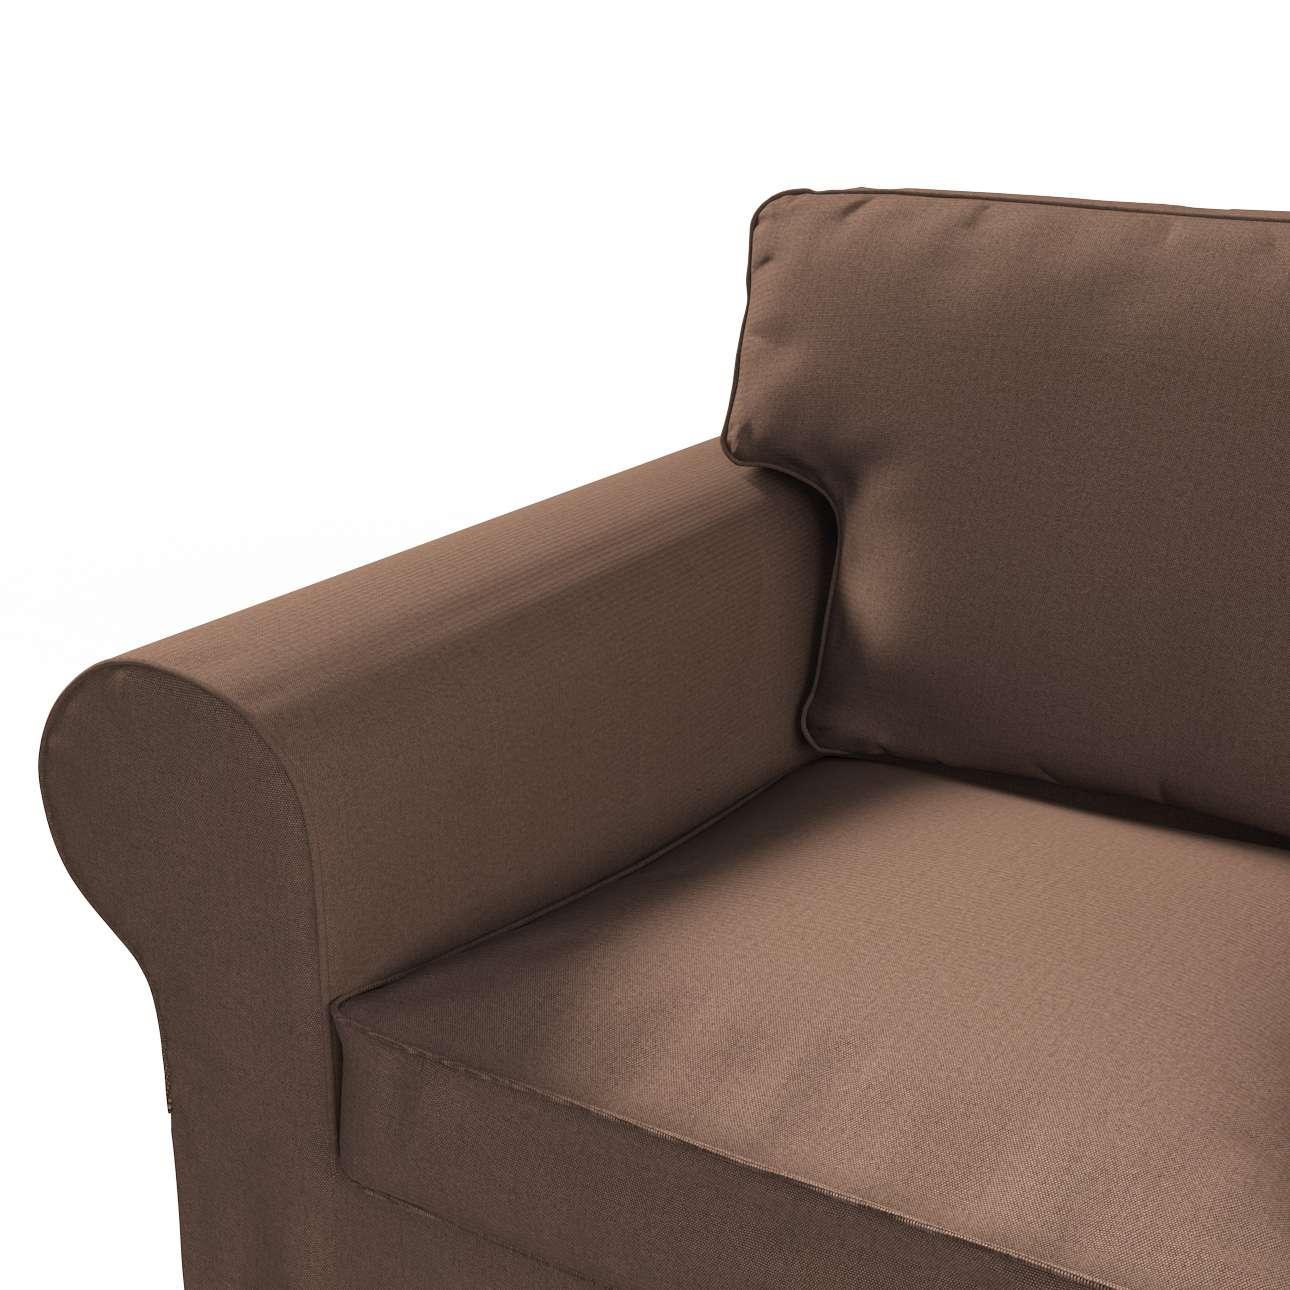 Ektorp 2-Sitzer Schlafsofabezug  NEUES Modell  von der Kollektion Etna, Stoff: 705-08